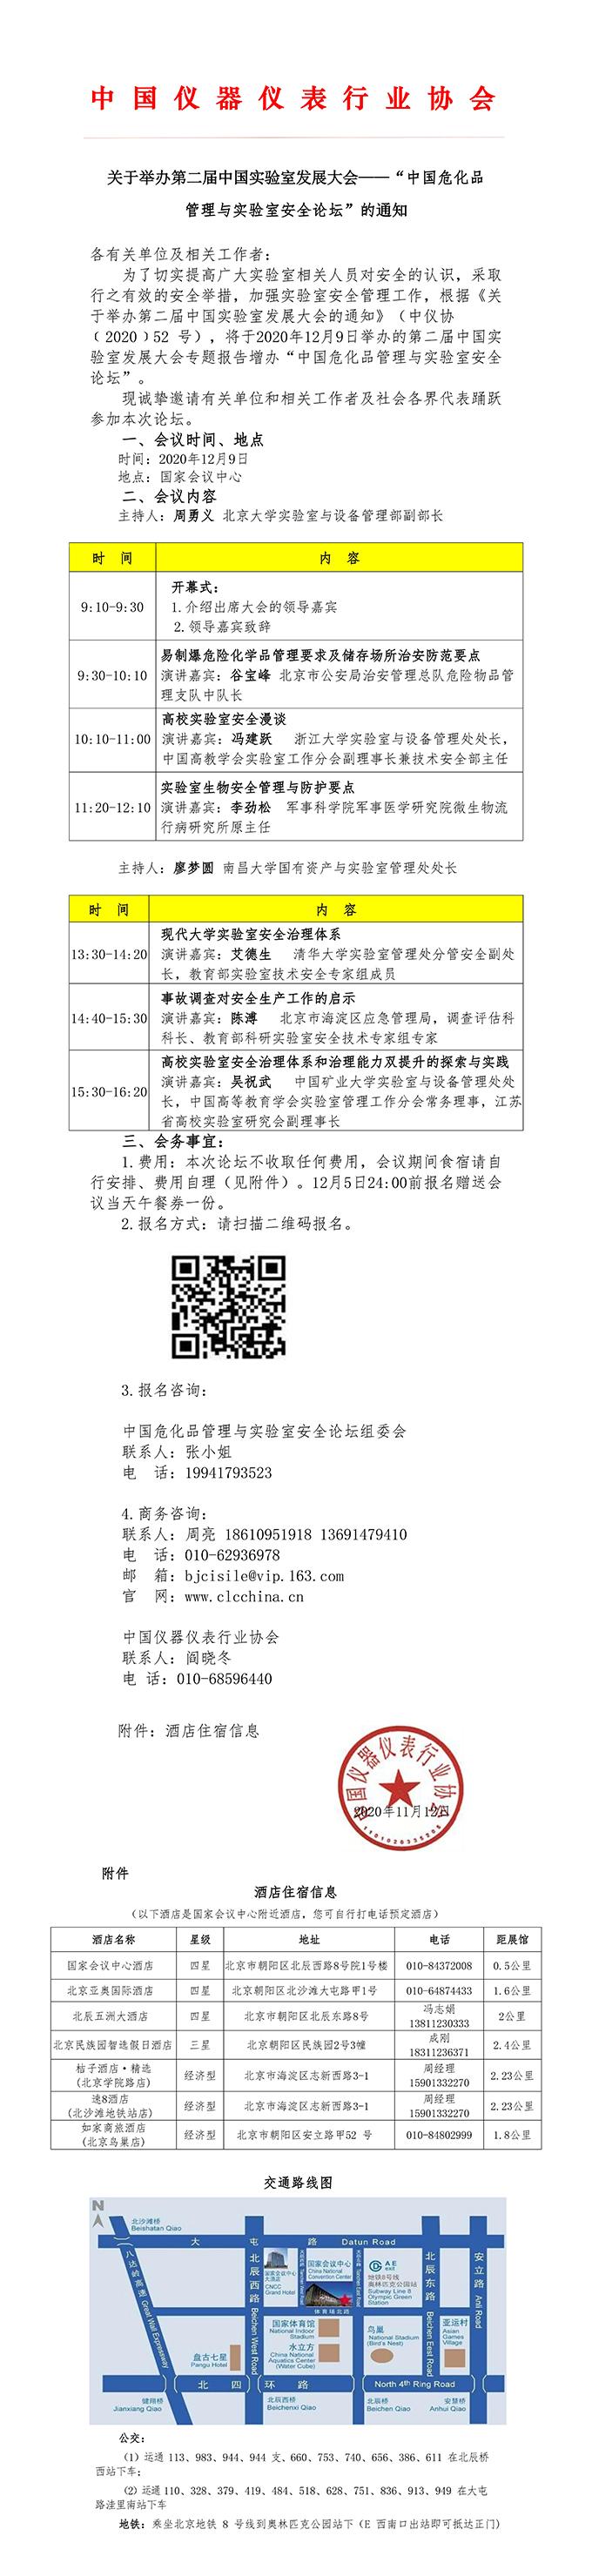 关于举办中国危化品管理与实验室安全高峰论坛的通知11.jpg